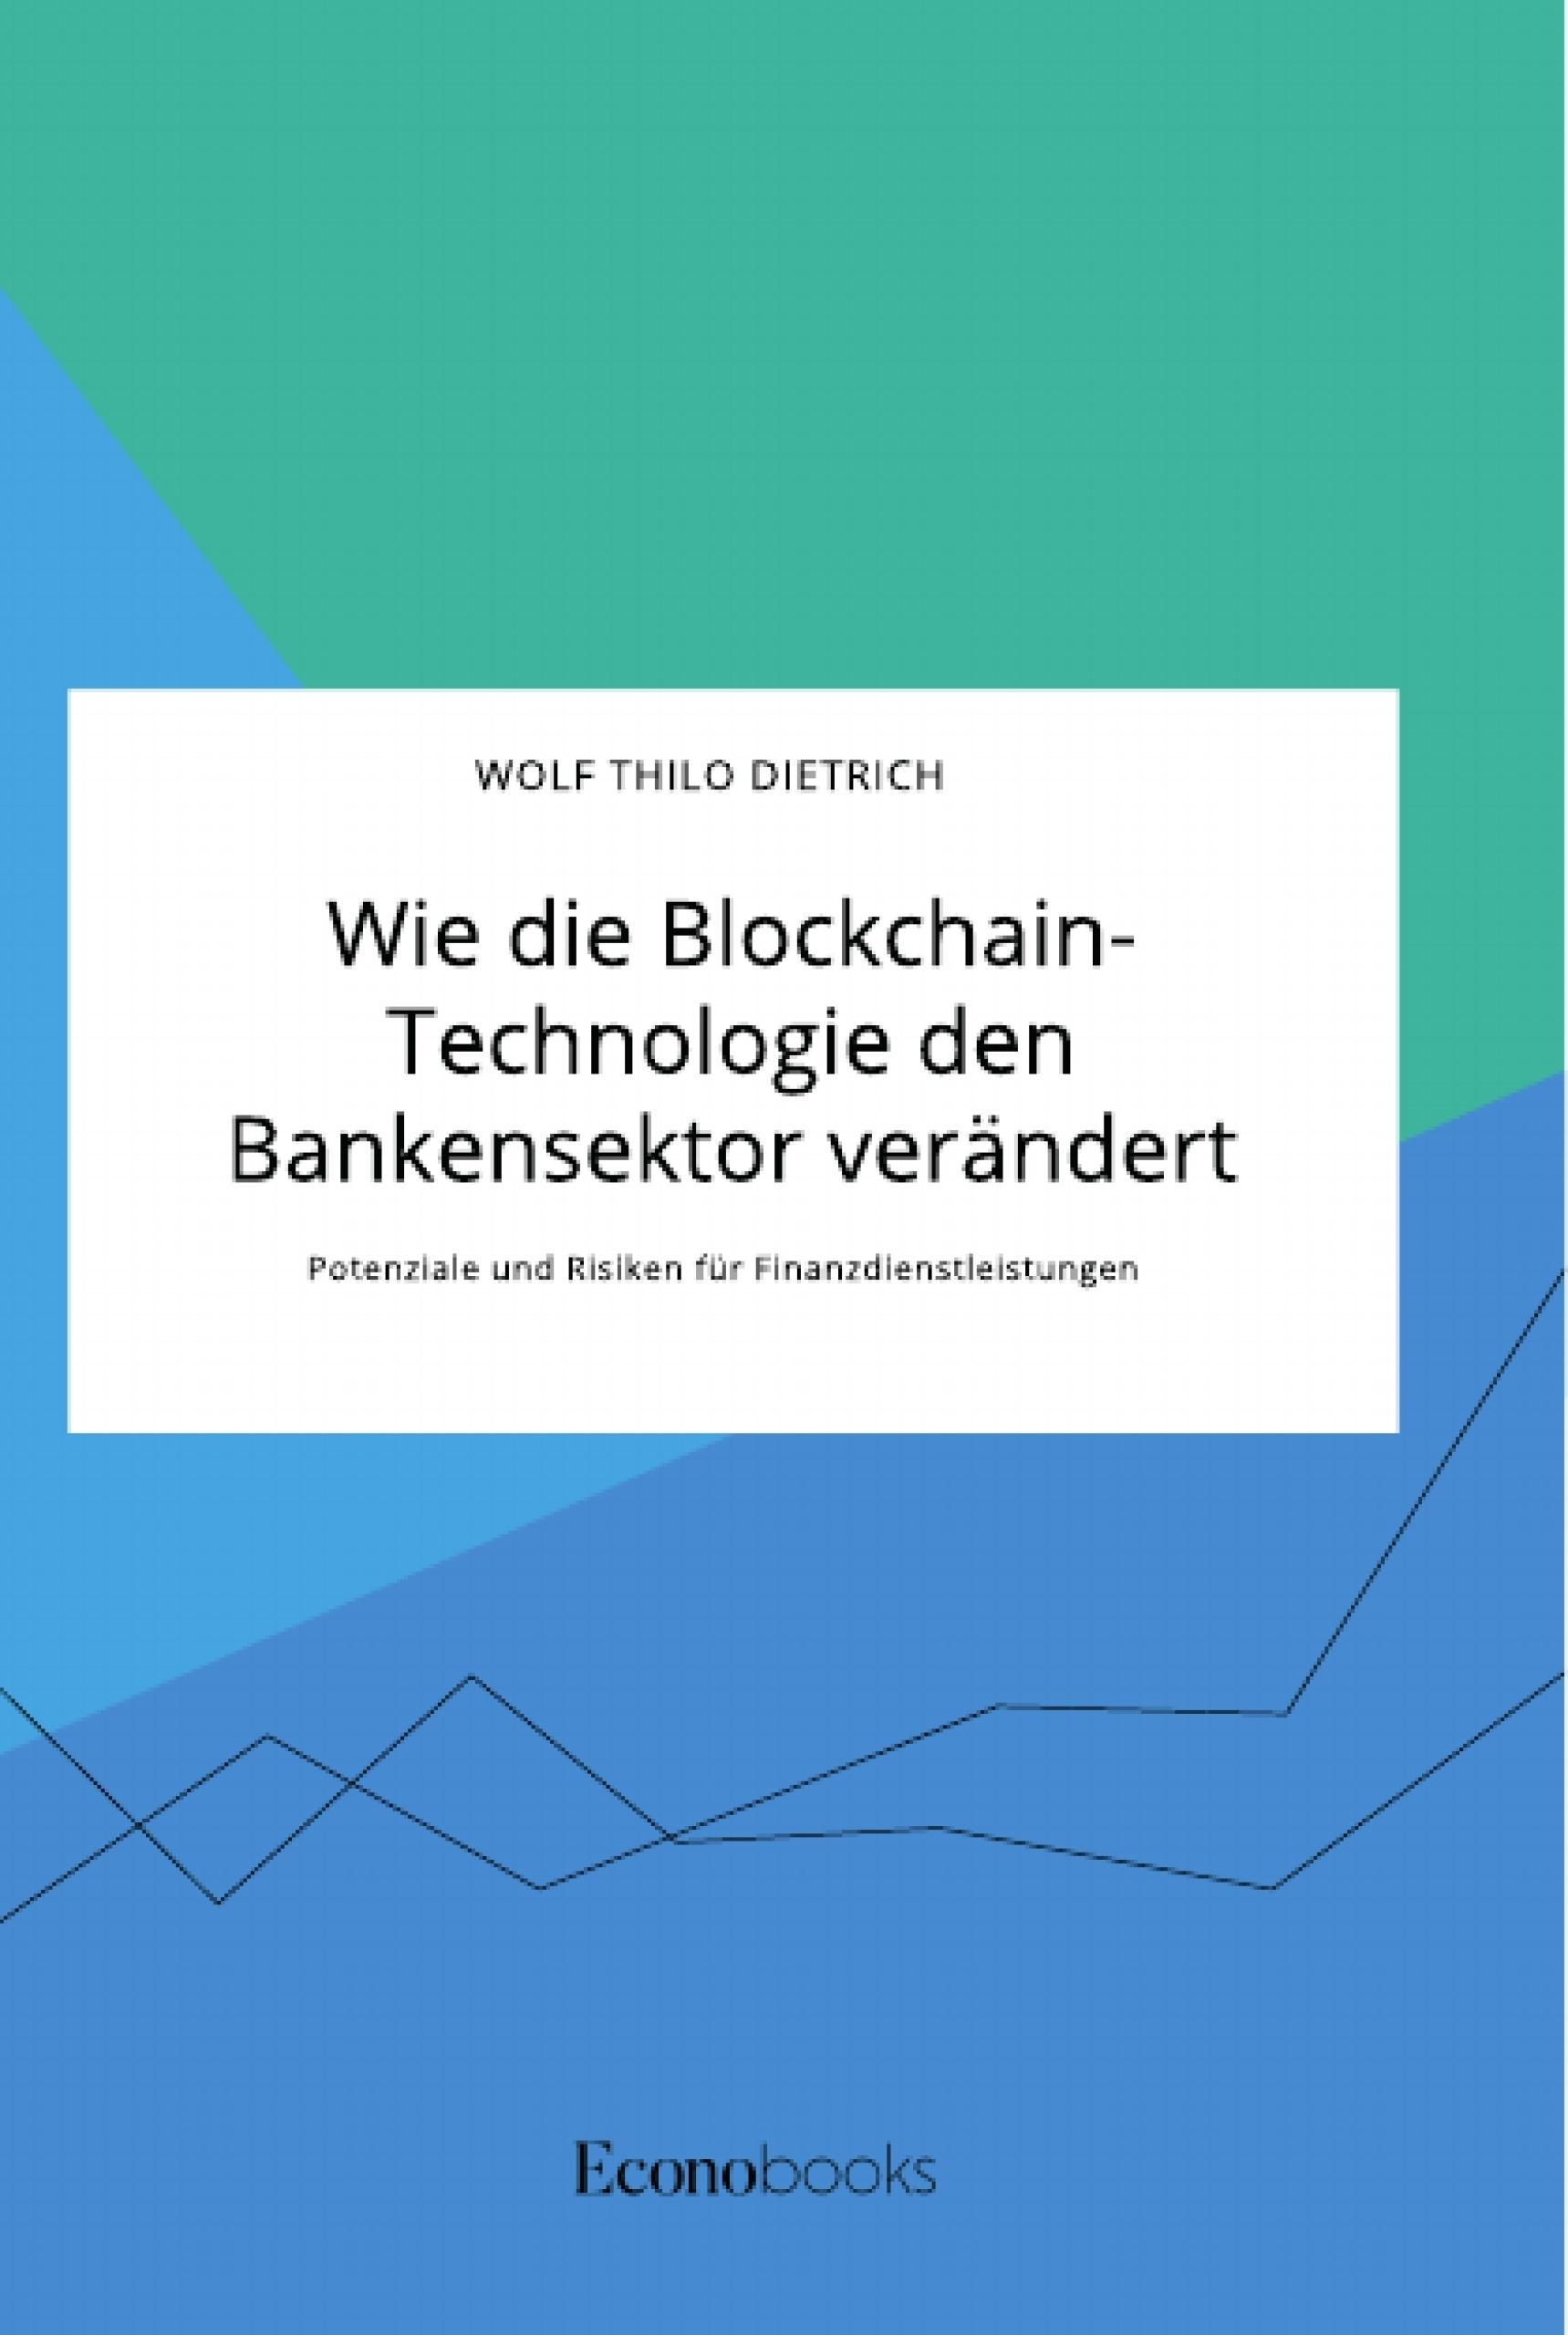 Titel: Wie die Blockchain-Technologie den Bankensektor verändert. Potenziale und Risiken für Finanzdienstleistungen